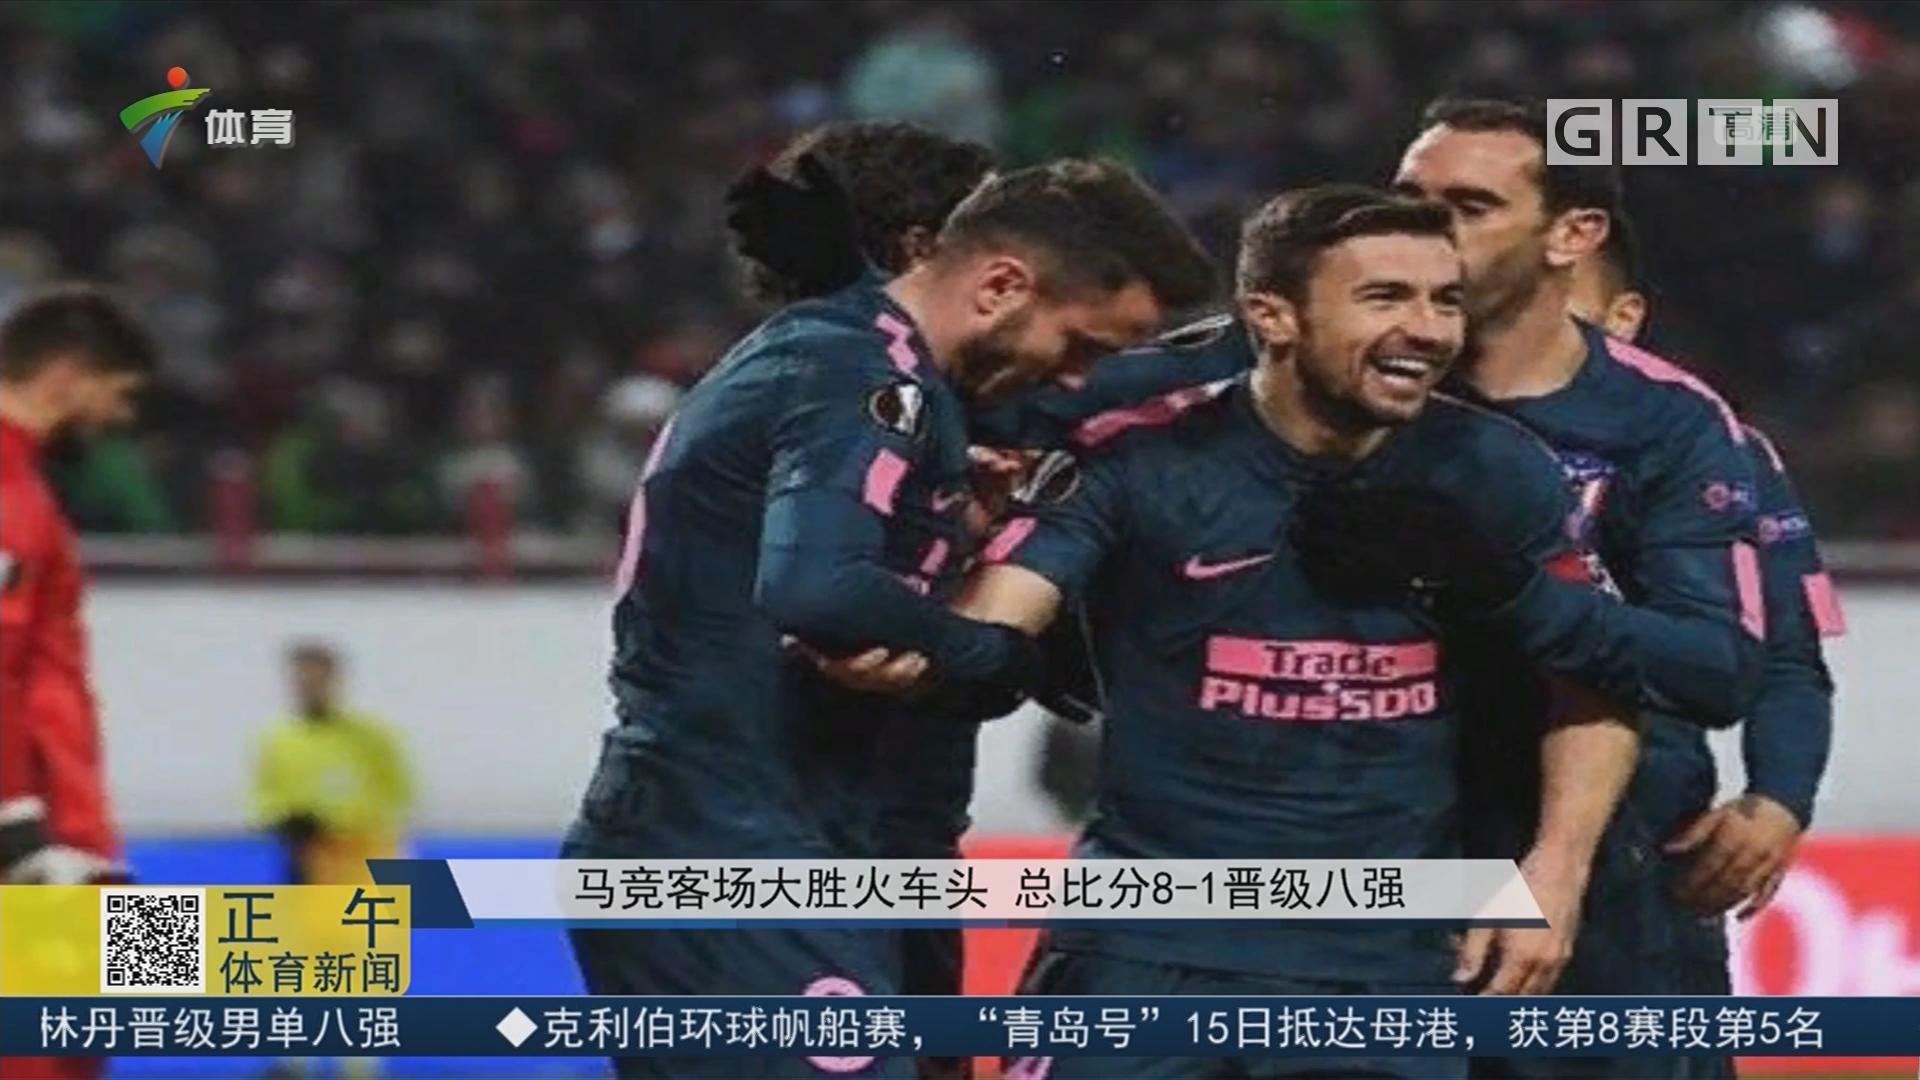 马竞客场大胜火车头 总比分8-1晋级八强